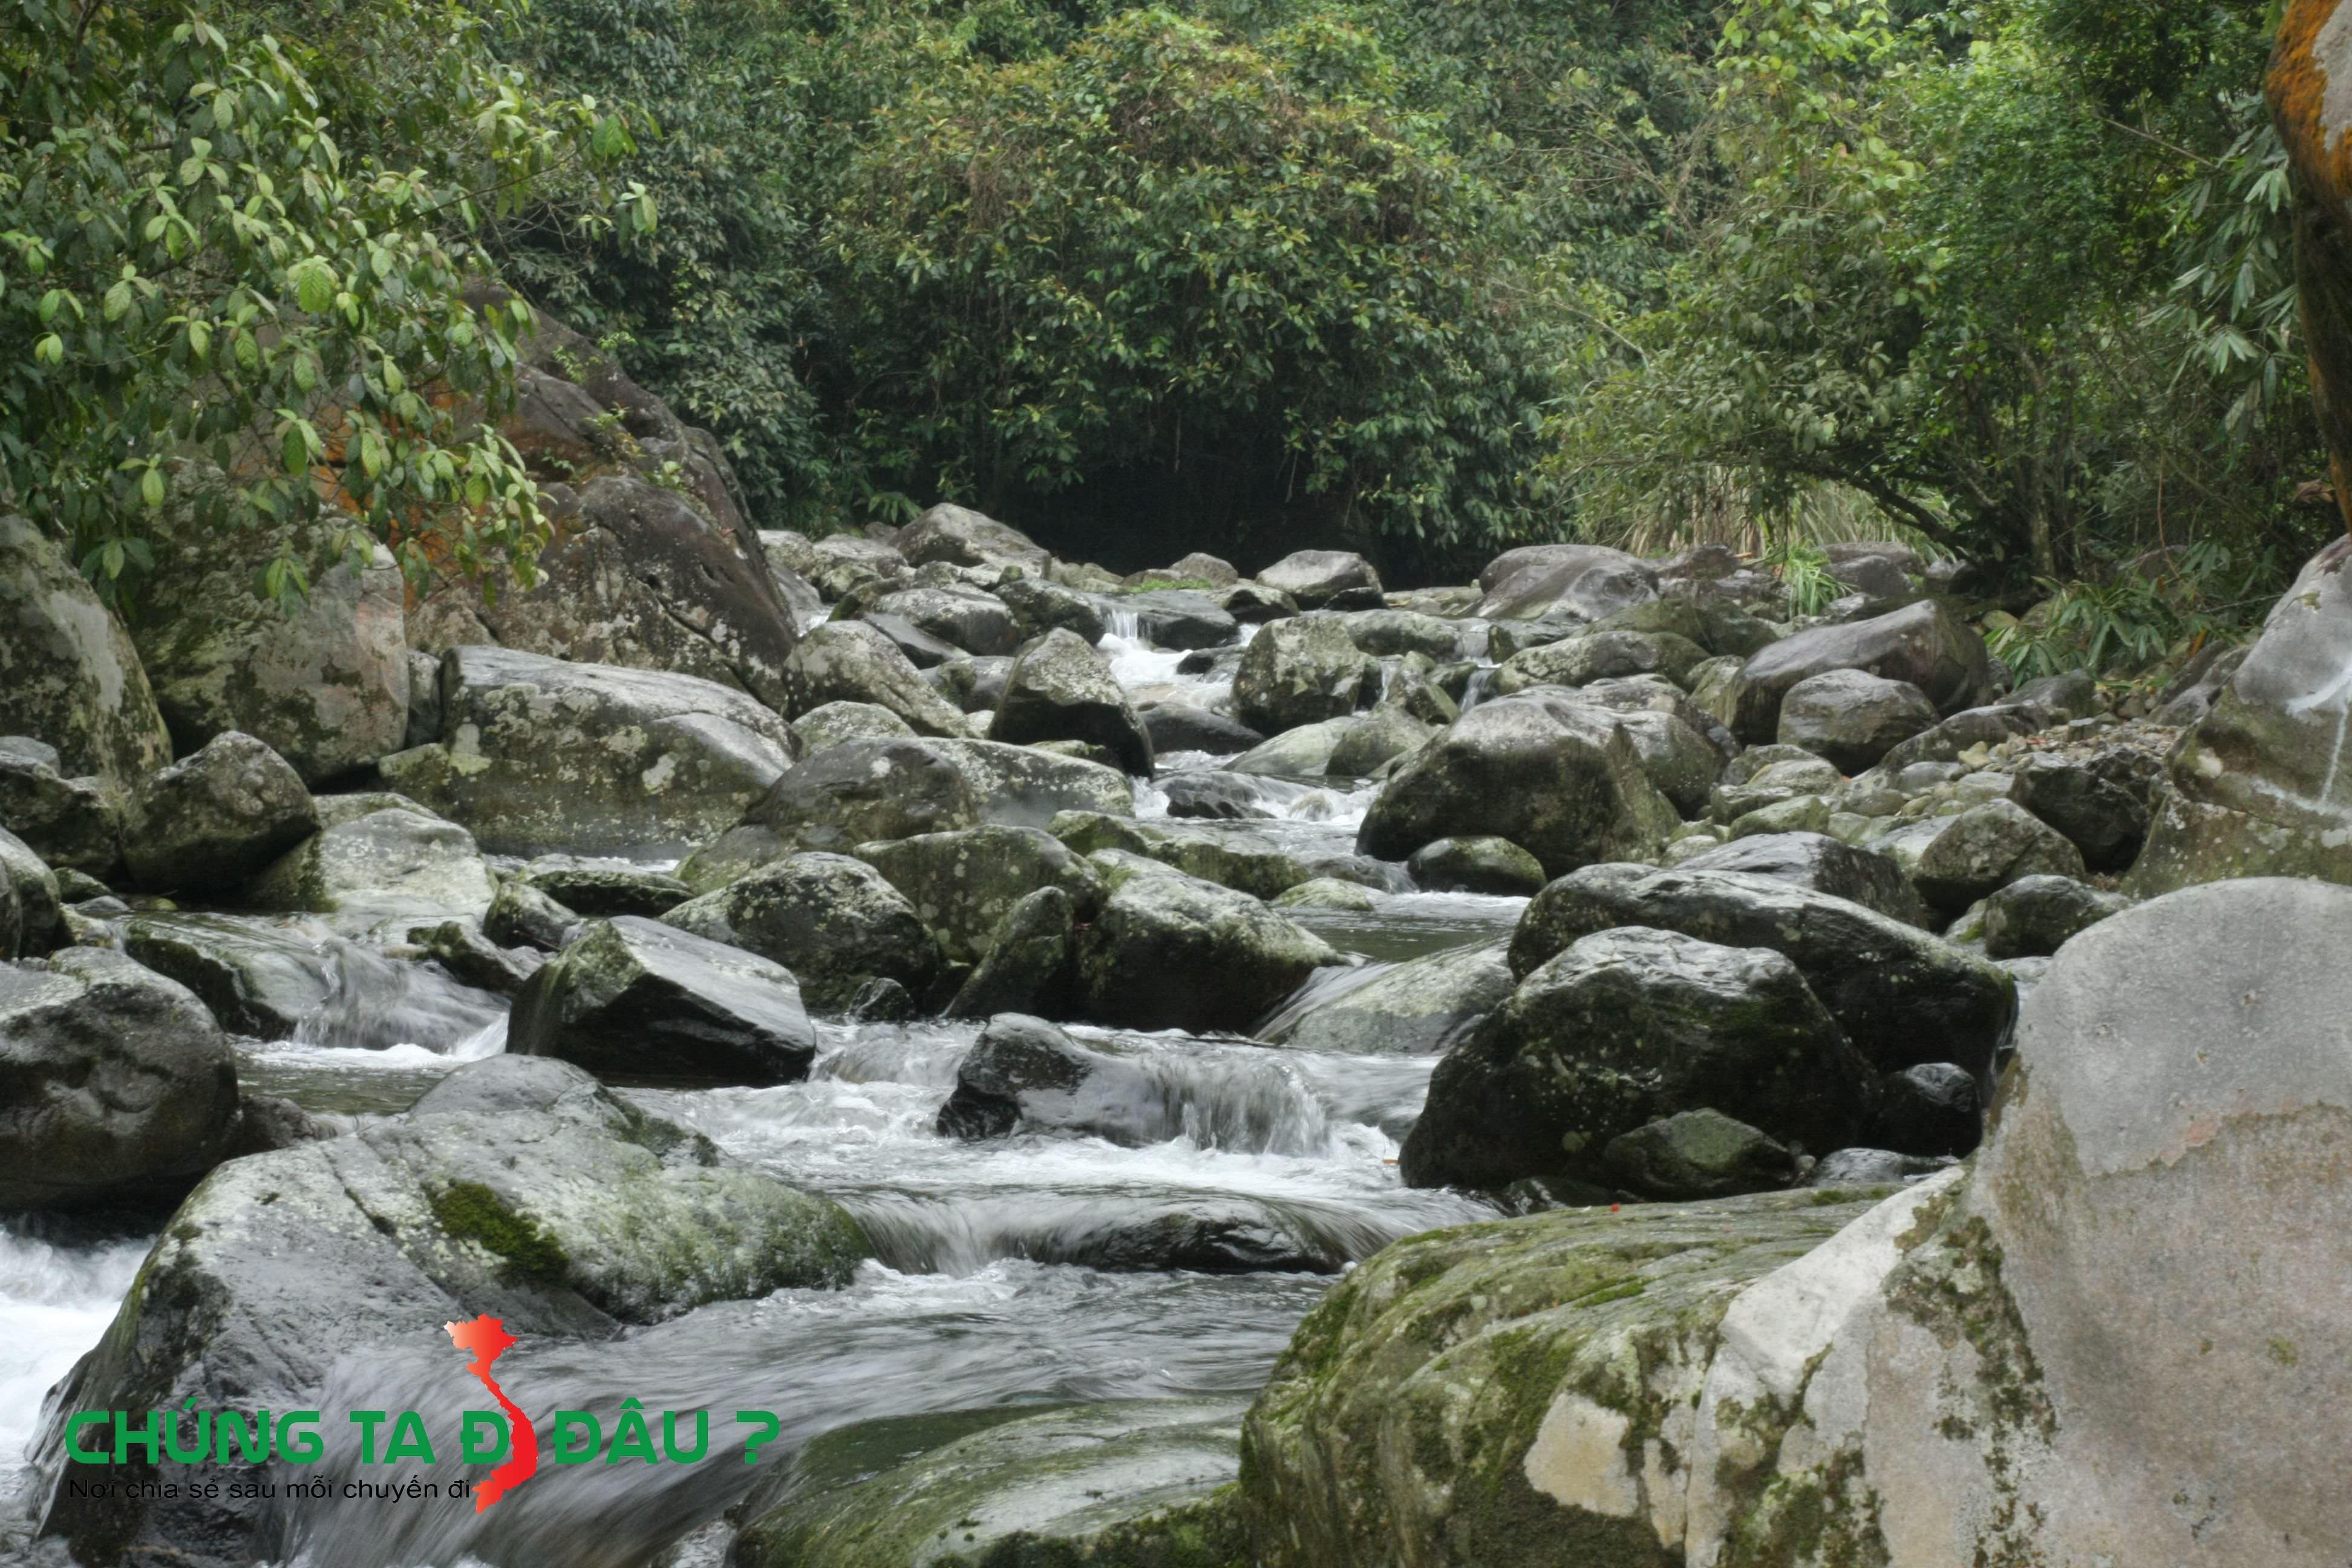 Dòng suối Kẹm trong vắt chảy từ trong núi ra